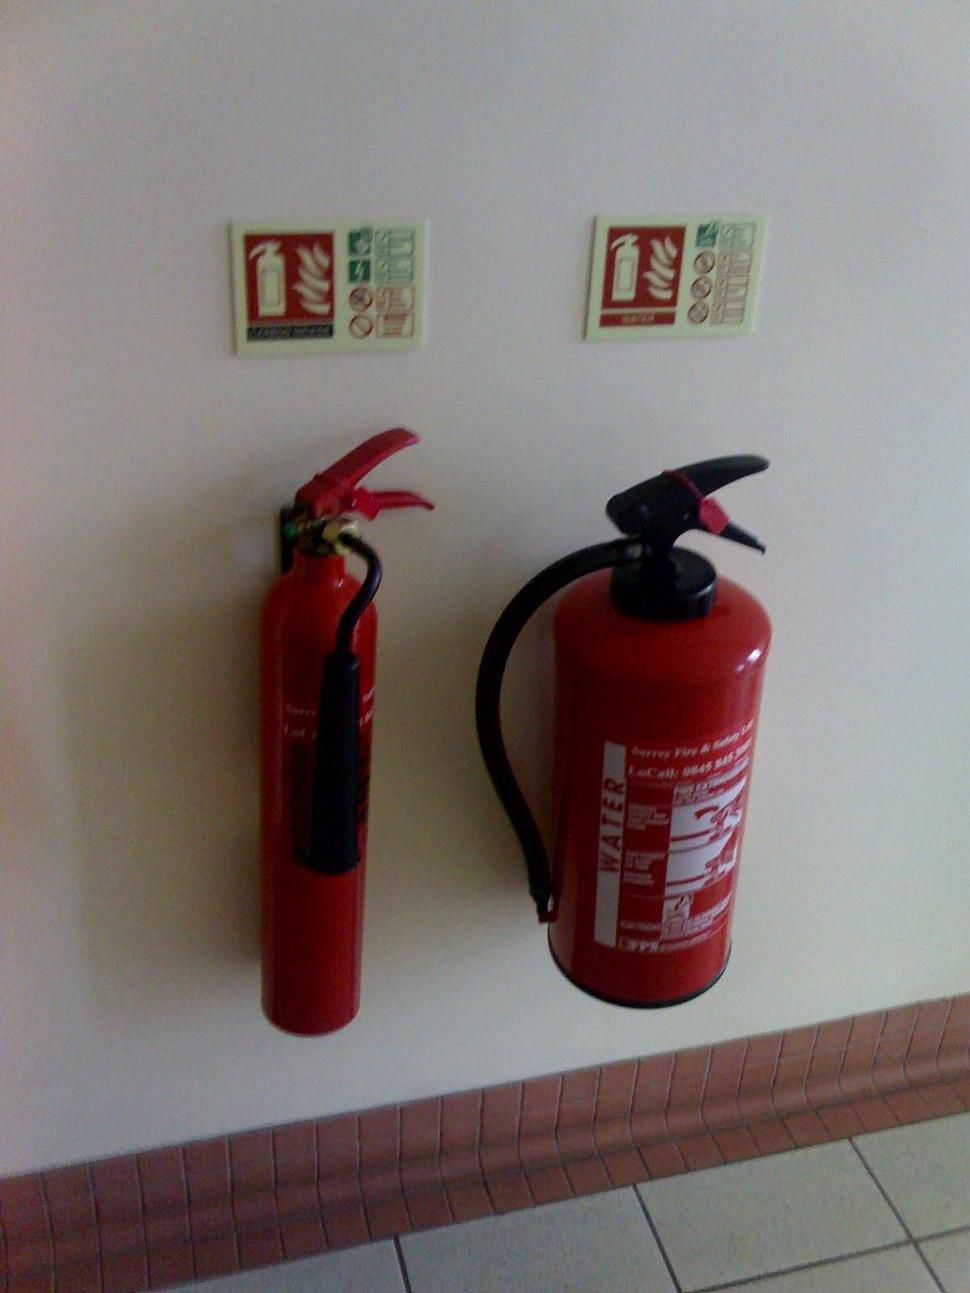 Fire-extinuisher-uk